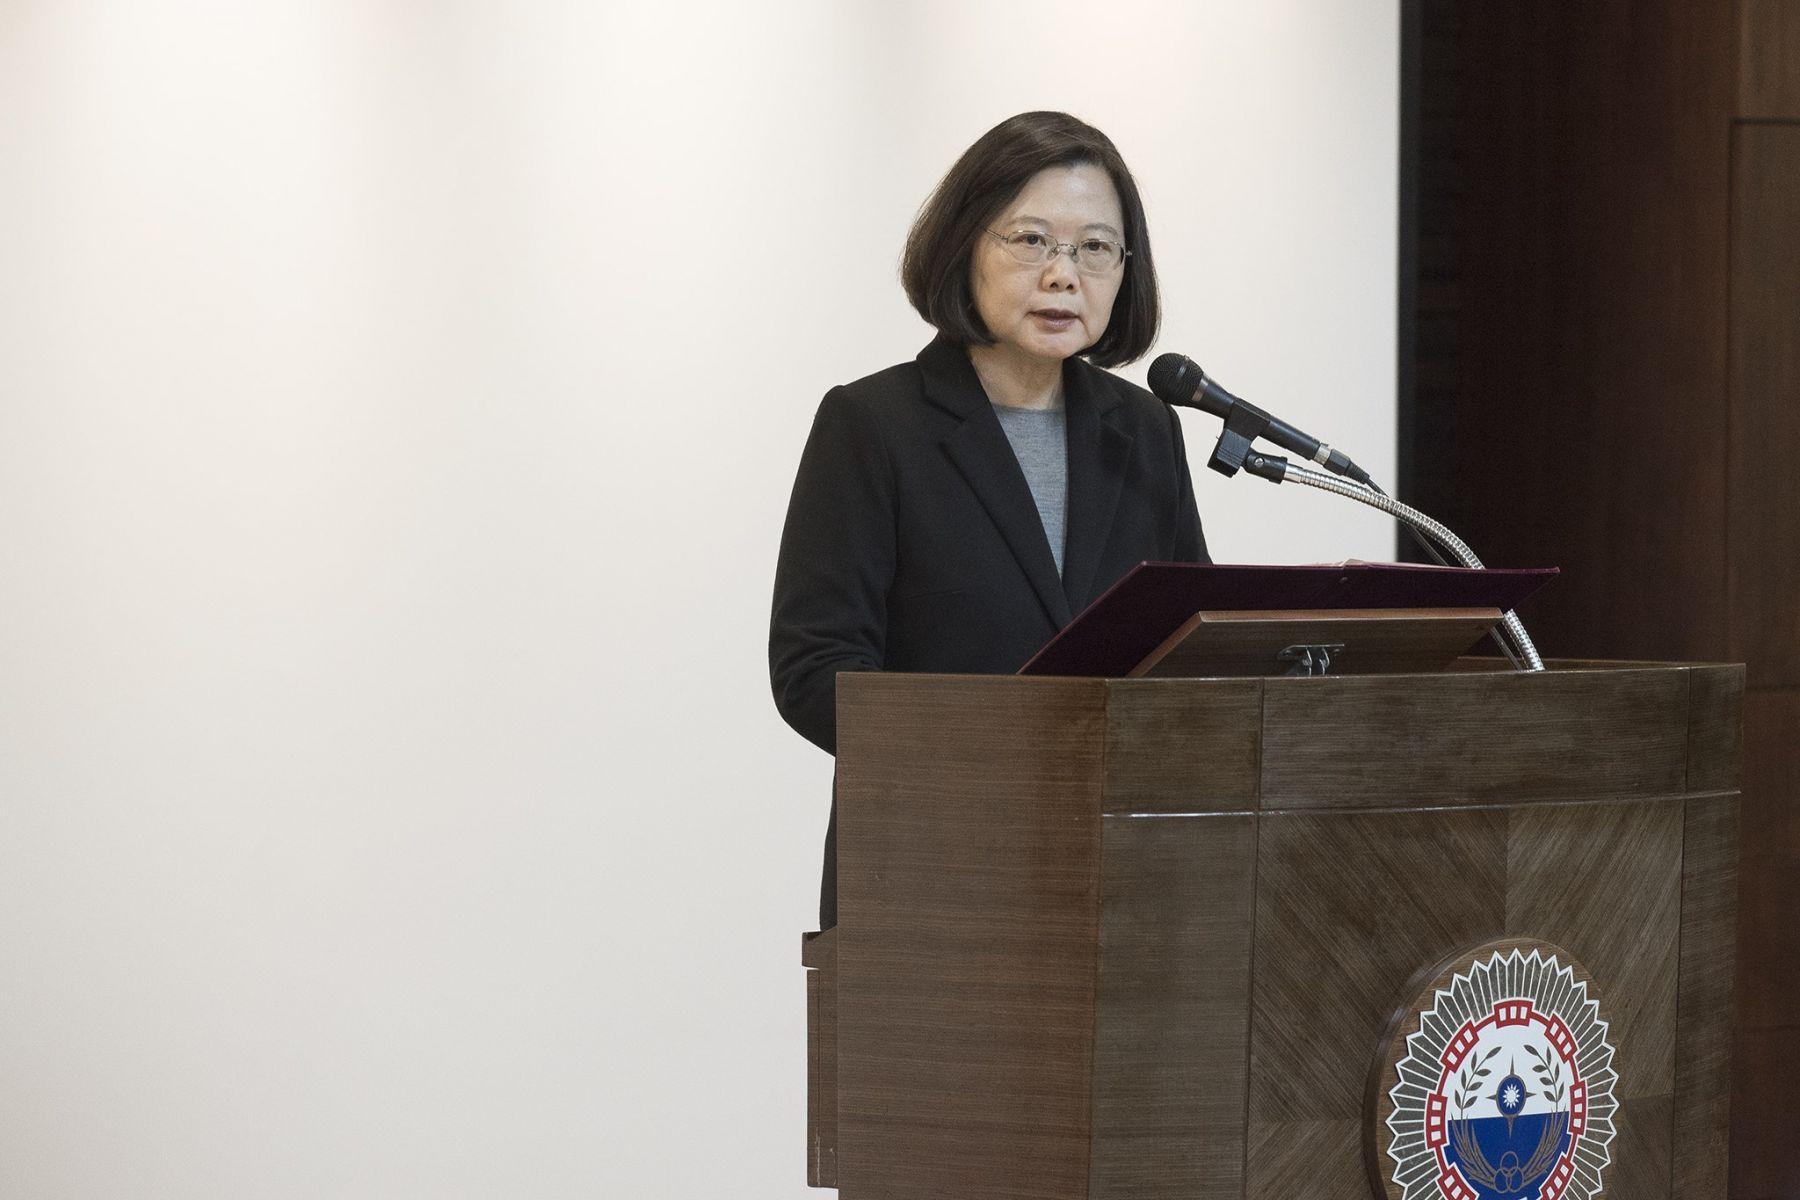 前法官涉性騷僅罰款 蔡英文:台灣離性平還有一段路